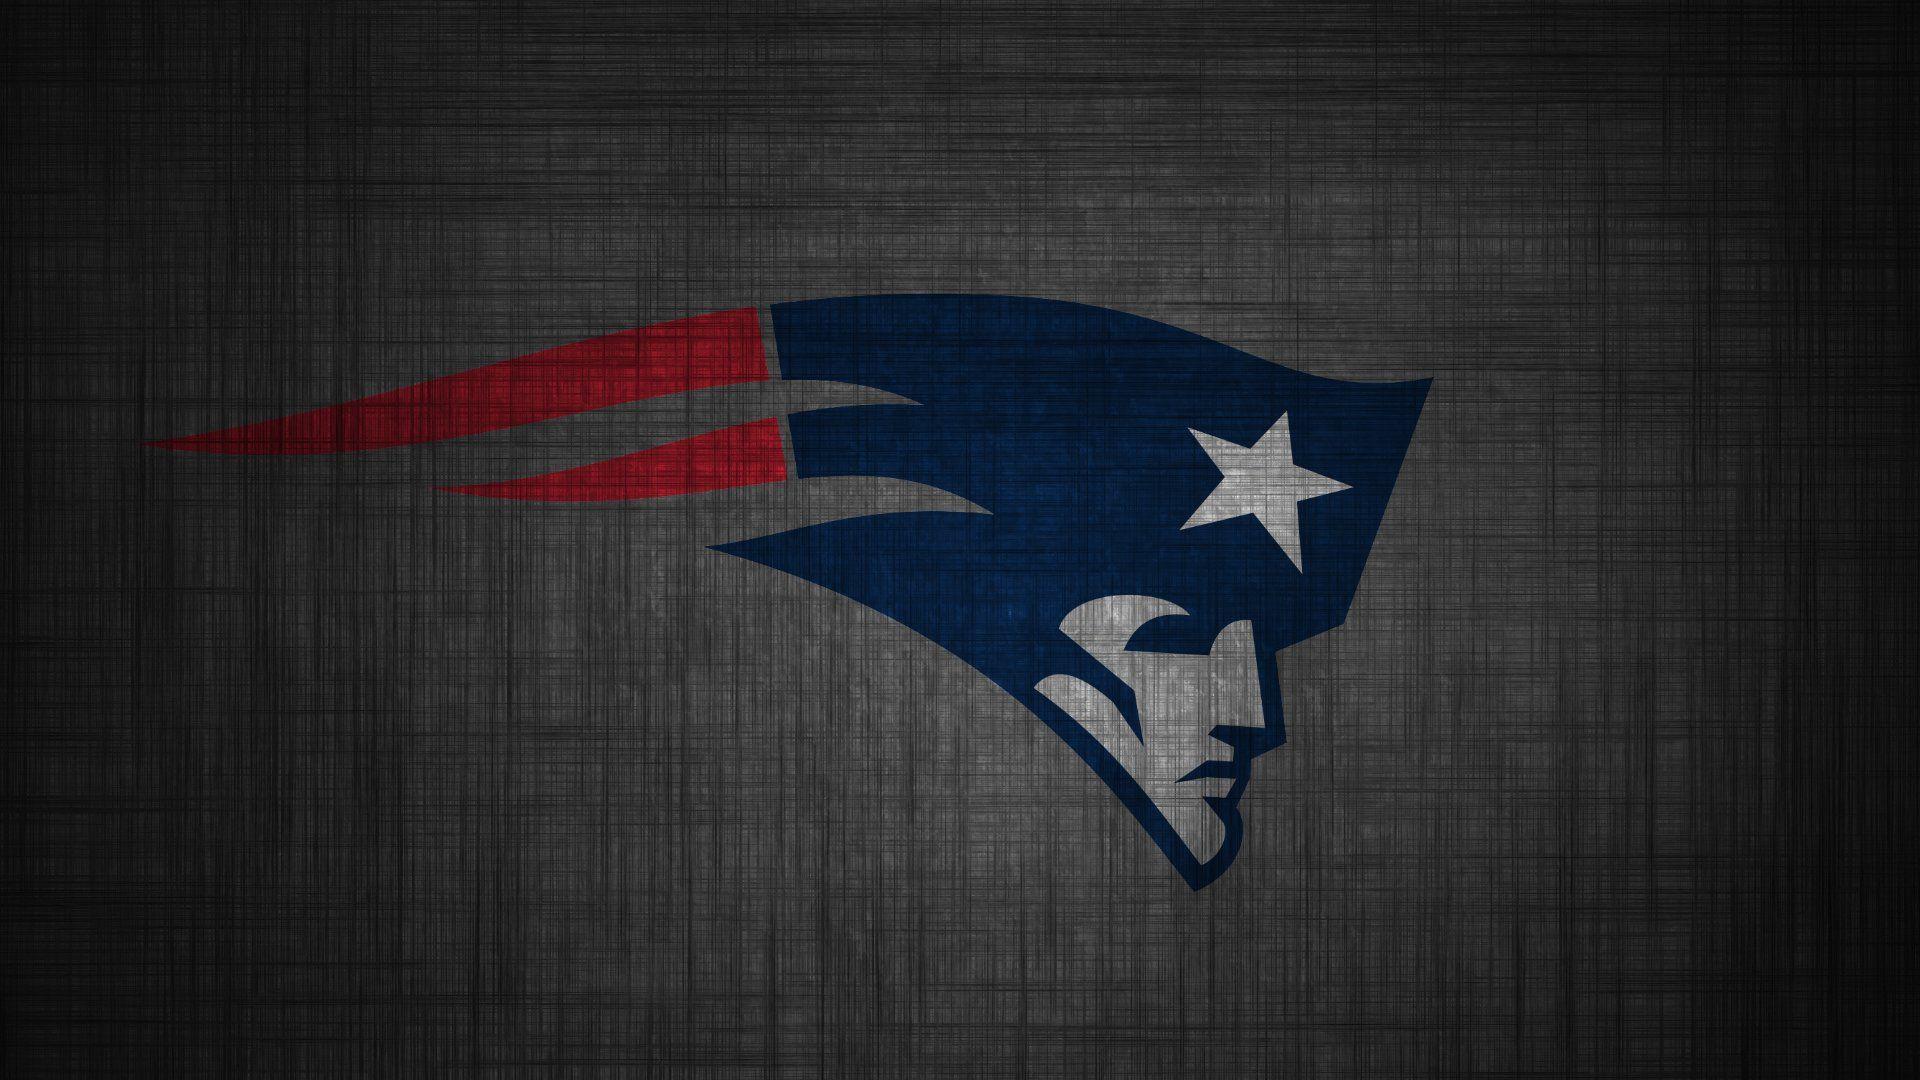 New England Patriots Wallpaper Full Fhdq New England Patriots New England Patriots Wallpaper New England Patriots New England